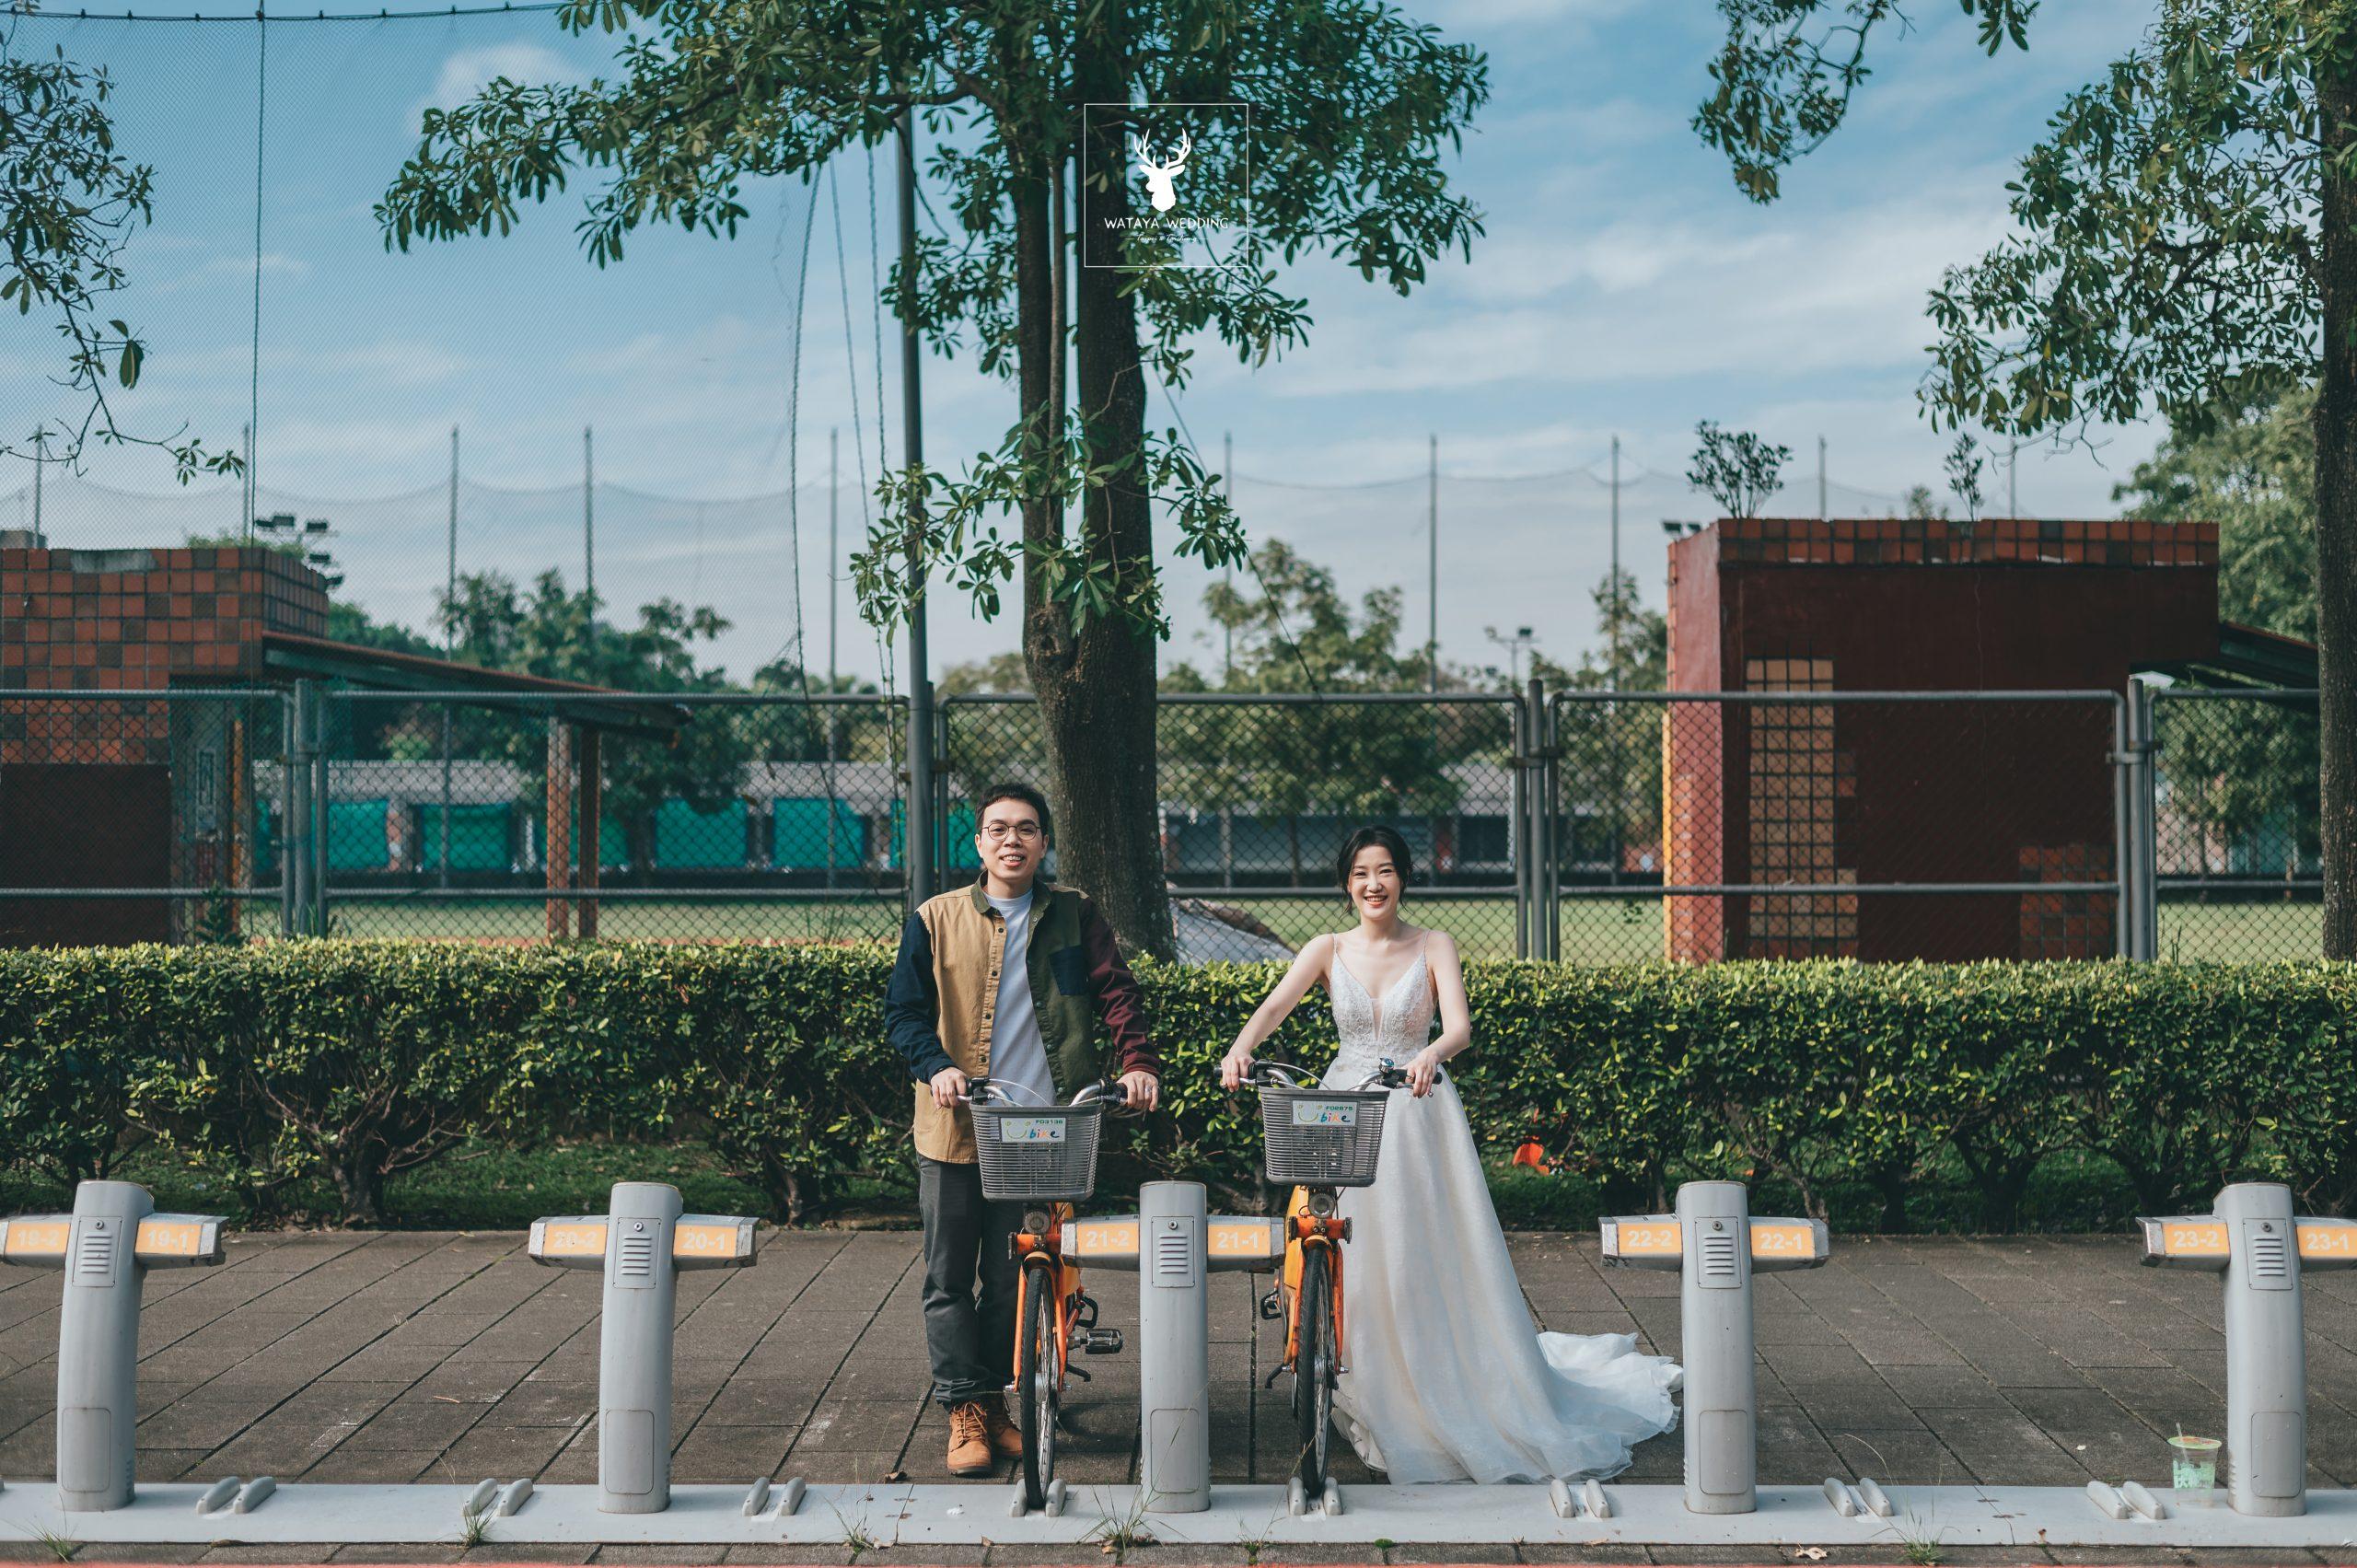 婚紗外拍景點:校園